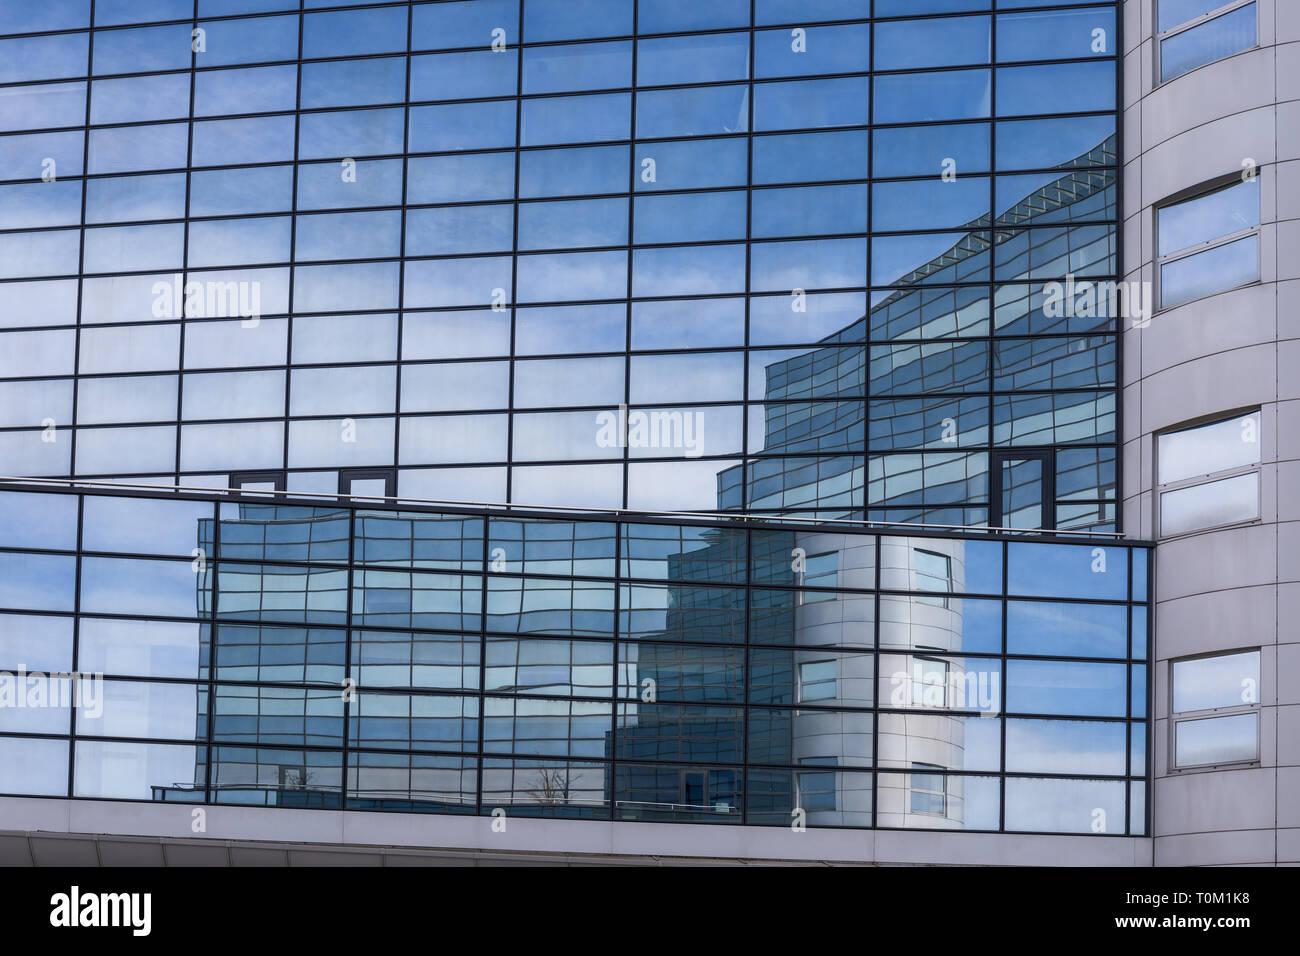 Reflexiones en edificio de cristal, Arquitectura, edificio moderno exterior Foto de stock